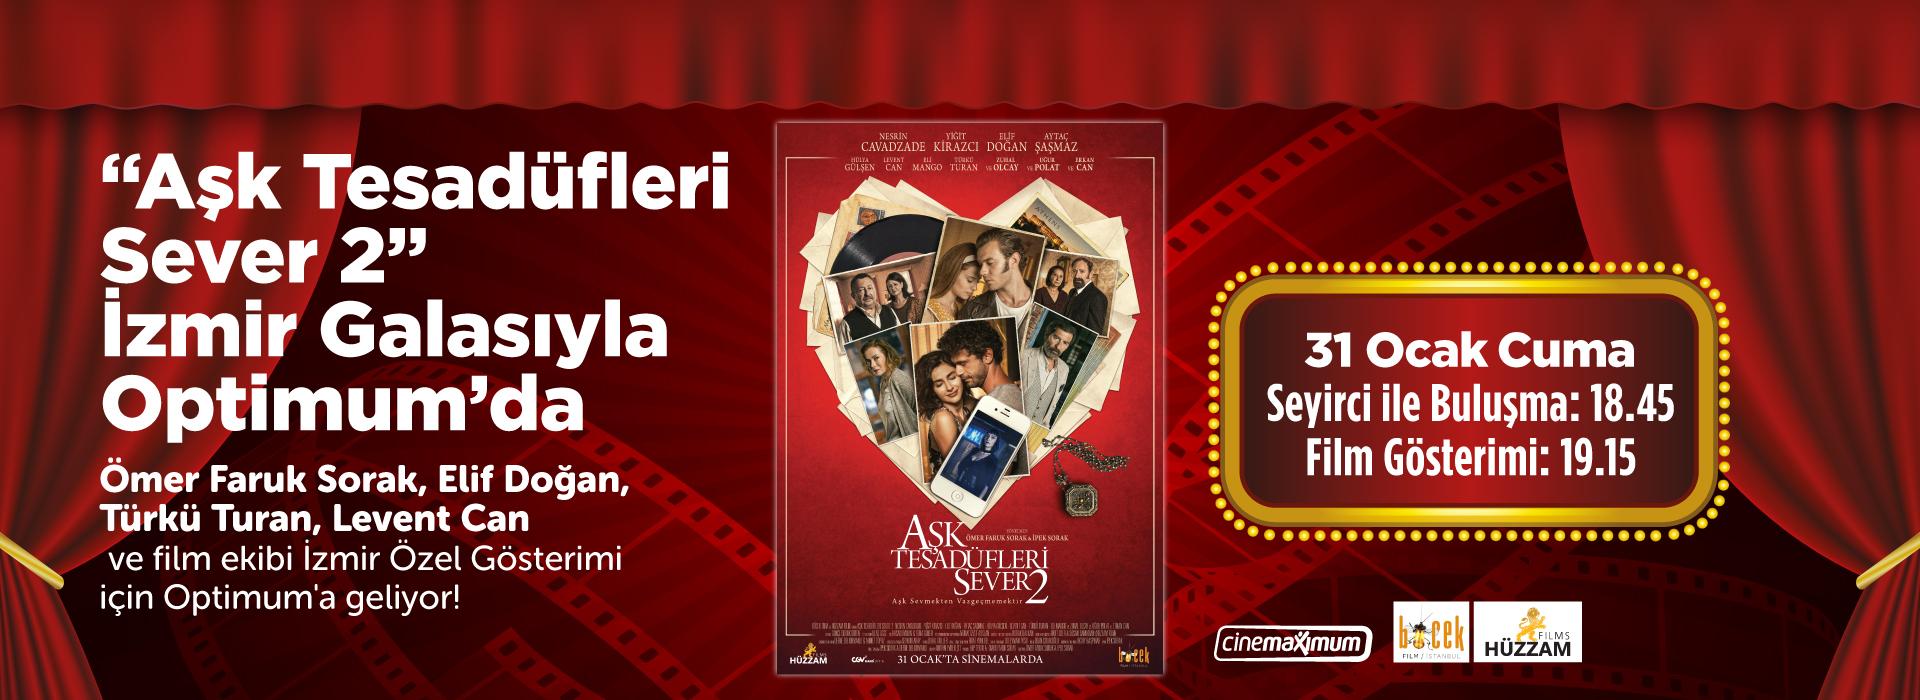 Aşk Tesadüfleri Sever 2 İzmir Galasıyla Optimum'da